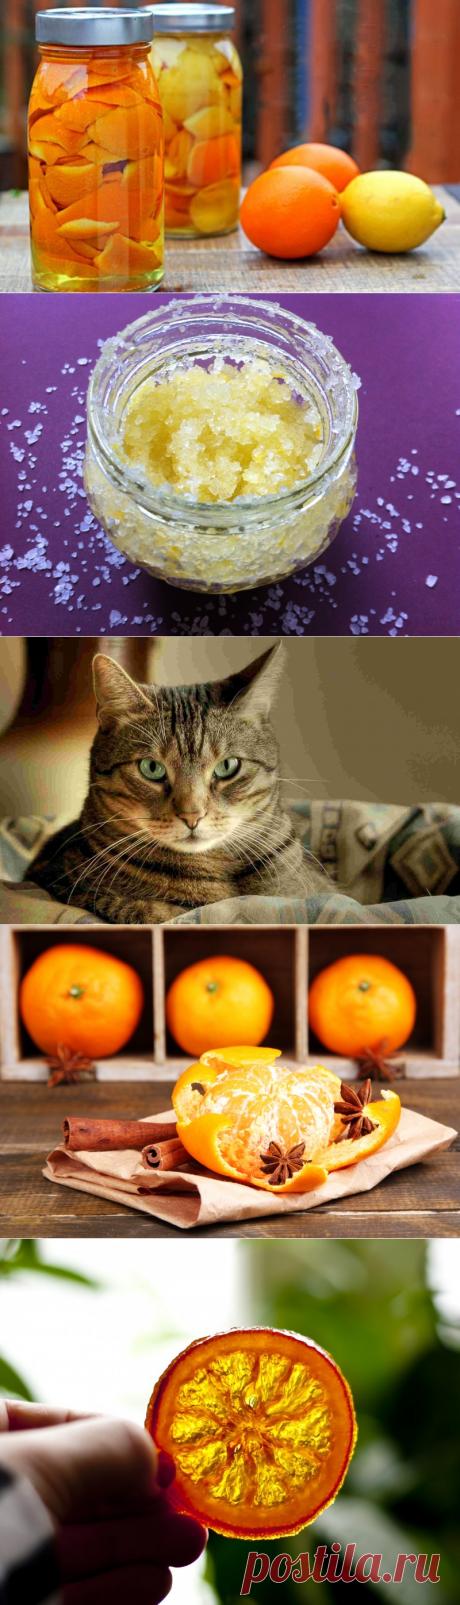 8 необычных способов использования апельсиновой цедры — Полезные советы